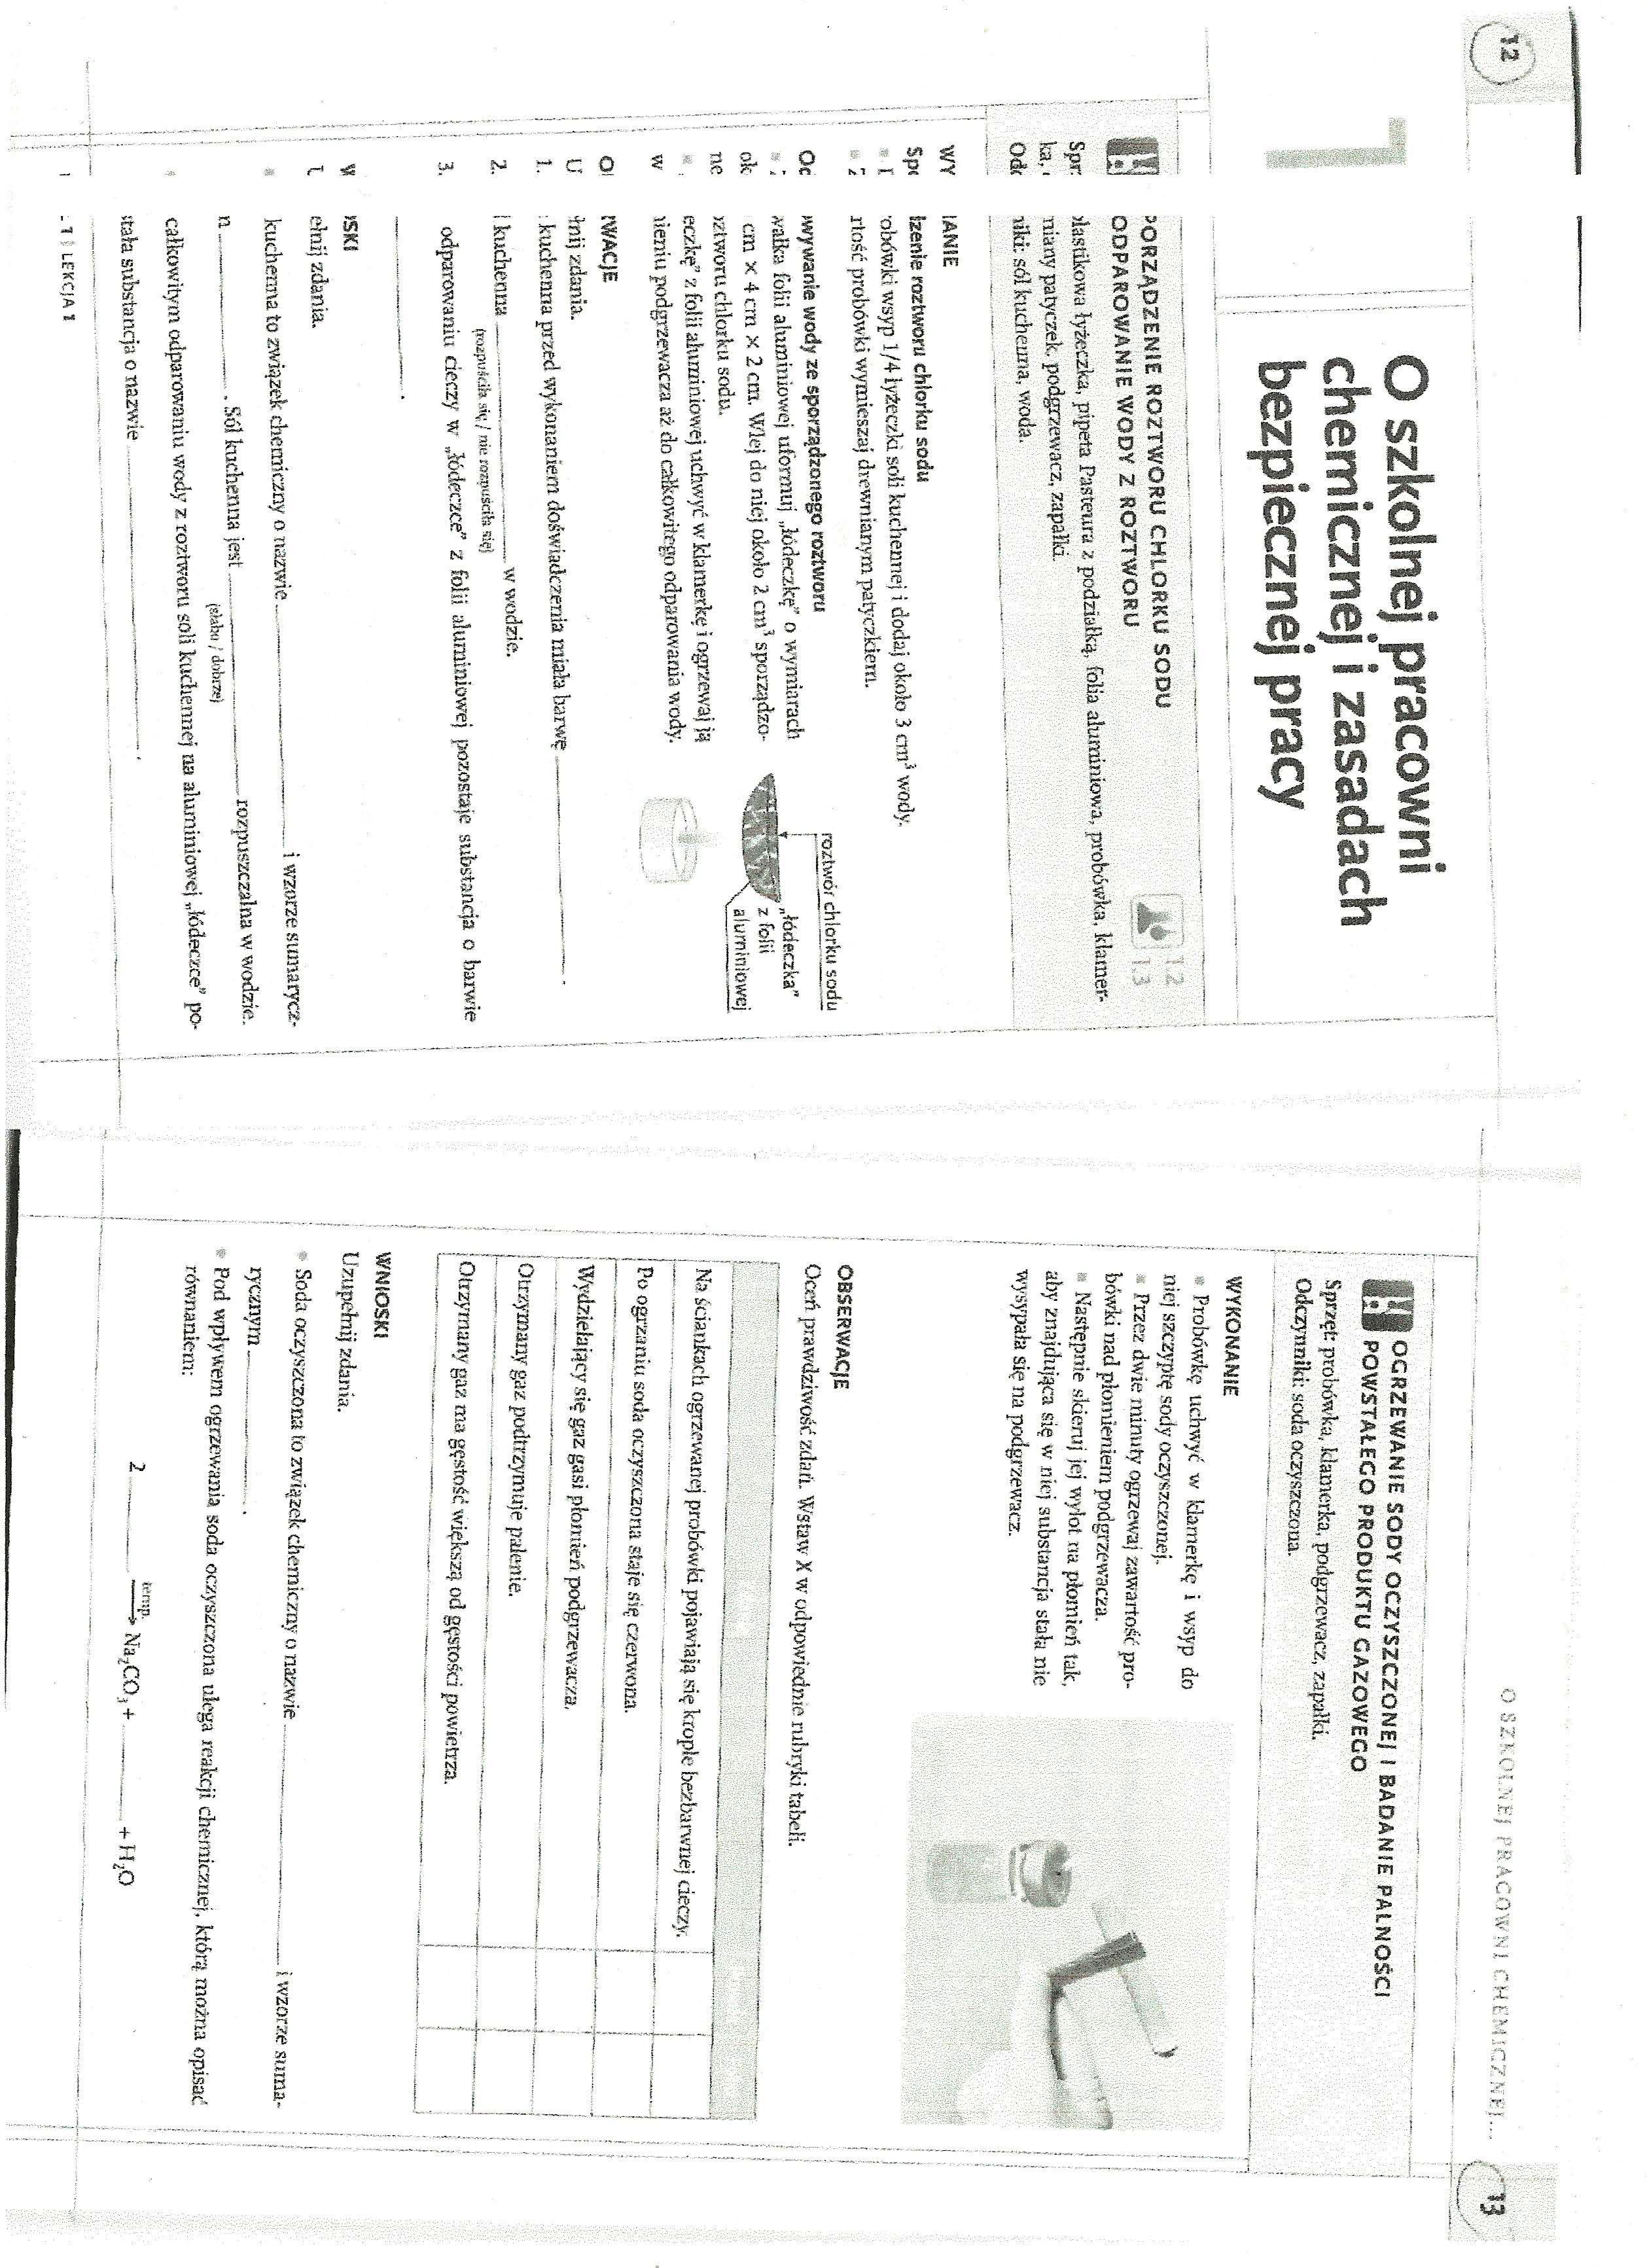 Urz�dzenie wielofunkcyjne HP DeskJet f4580 drukuje obrazy z bia�ym paskiem